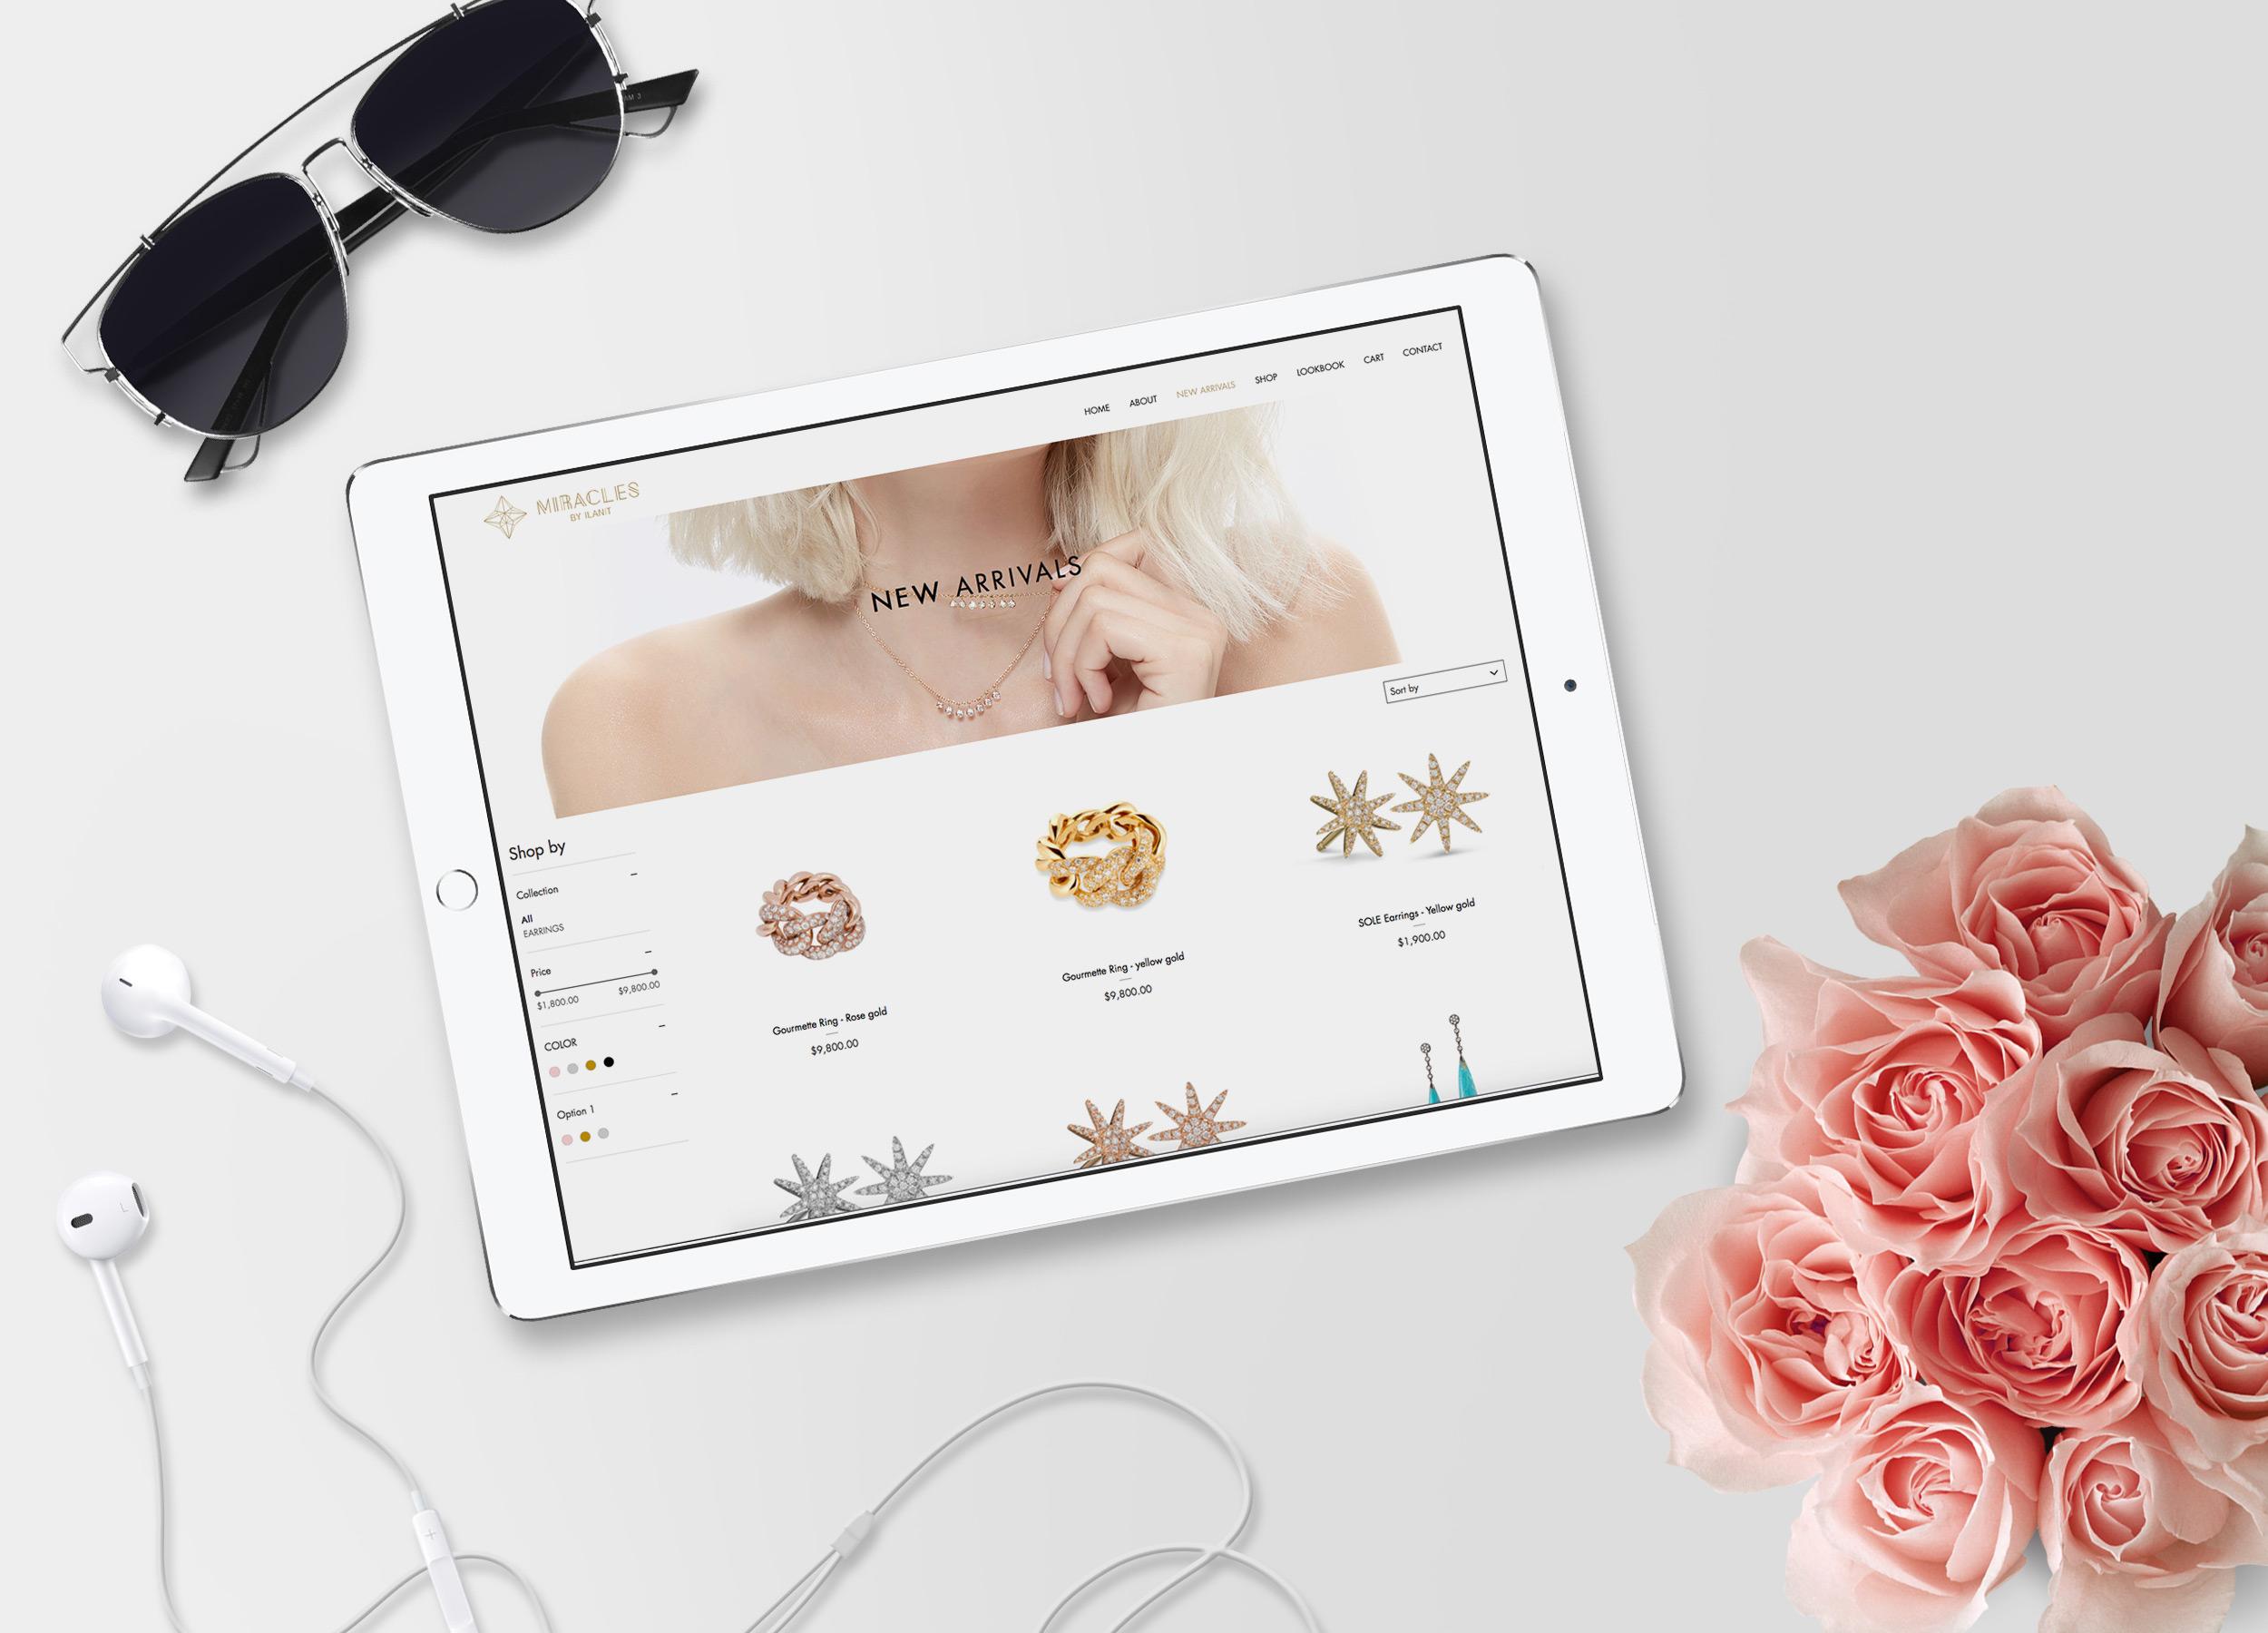 הדמיה עיצוב אתר בטאבלט